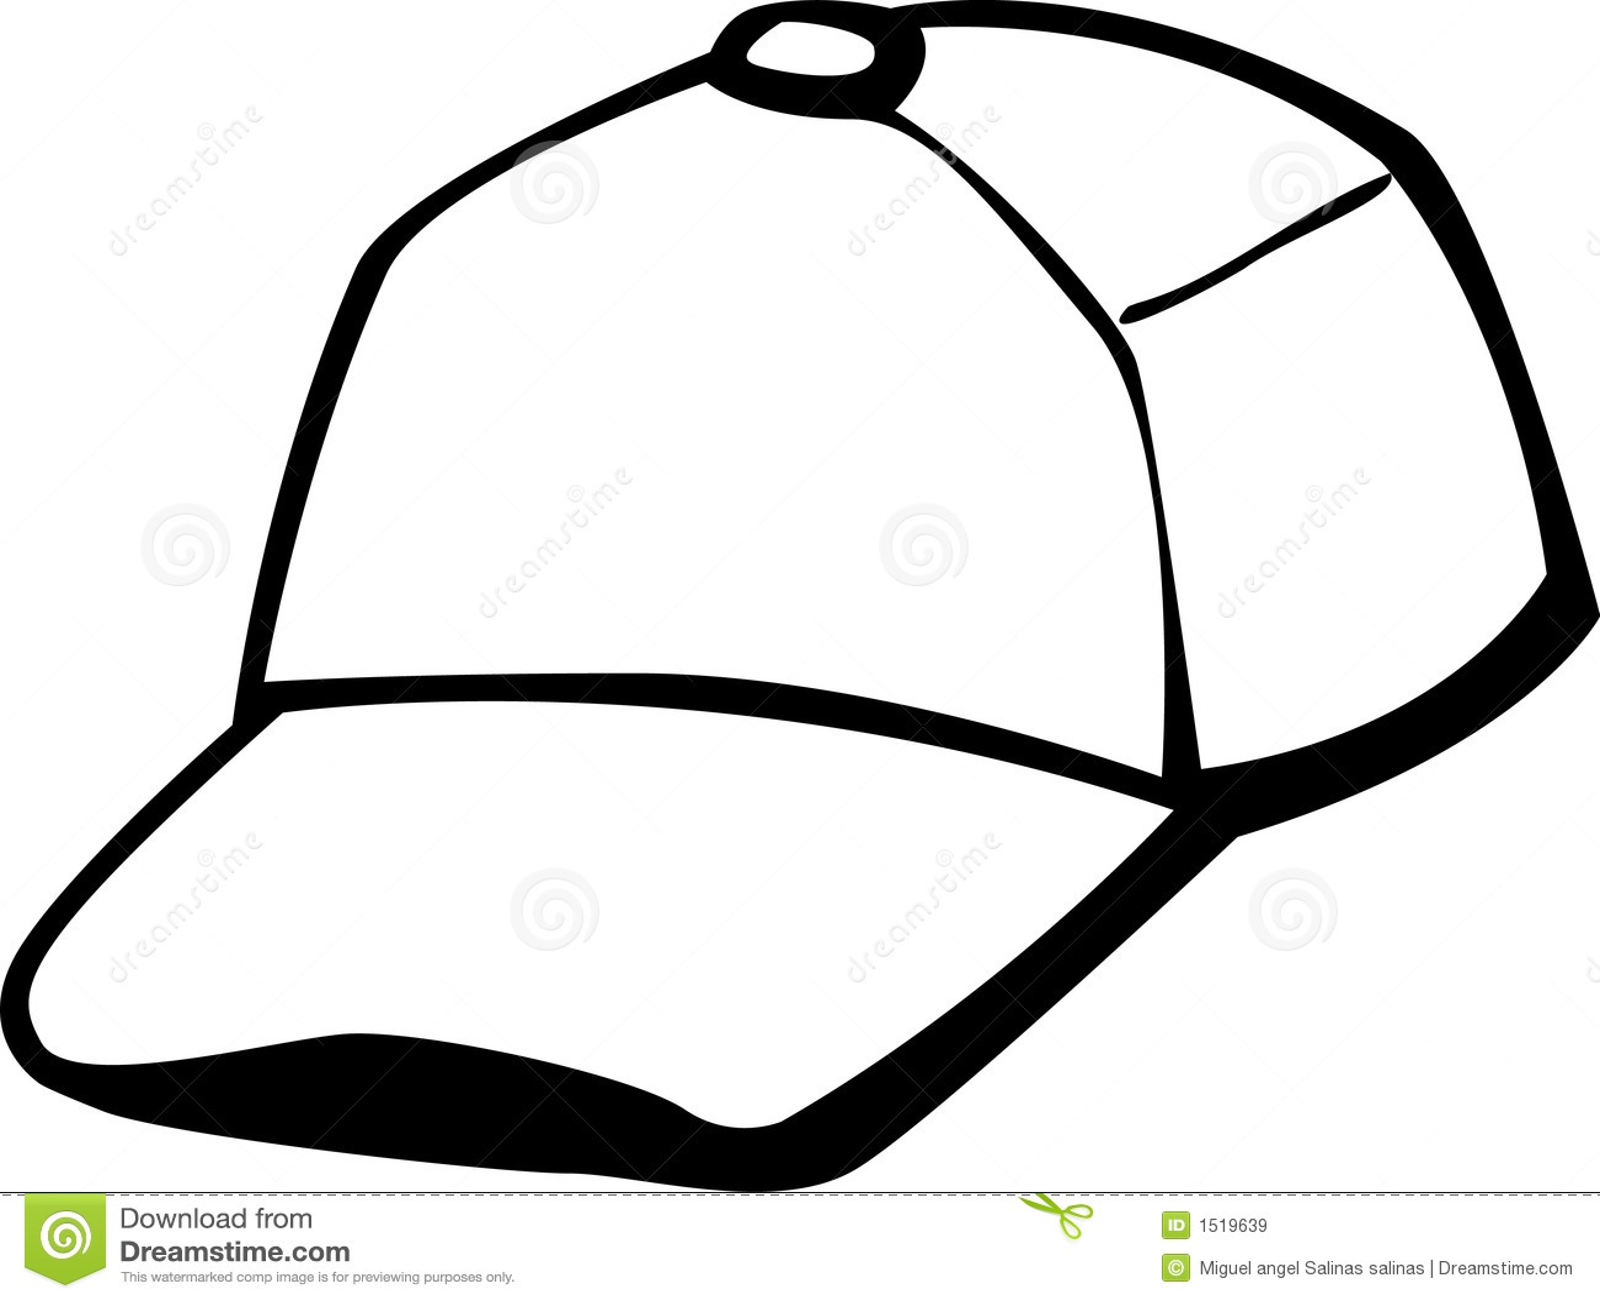 Trucker Or Baseball Cap Vector Illustration Royalty Free